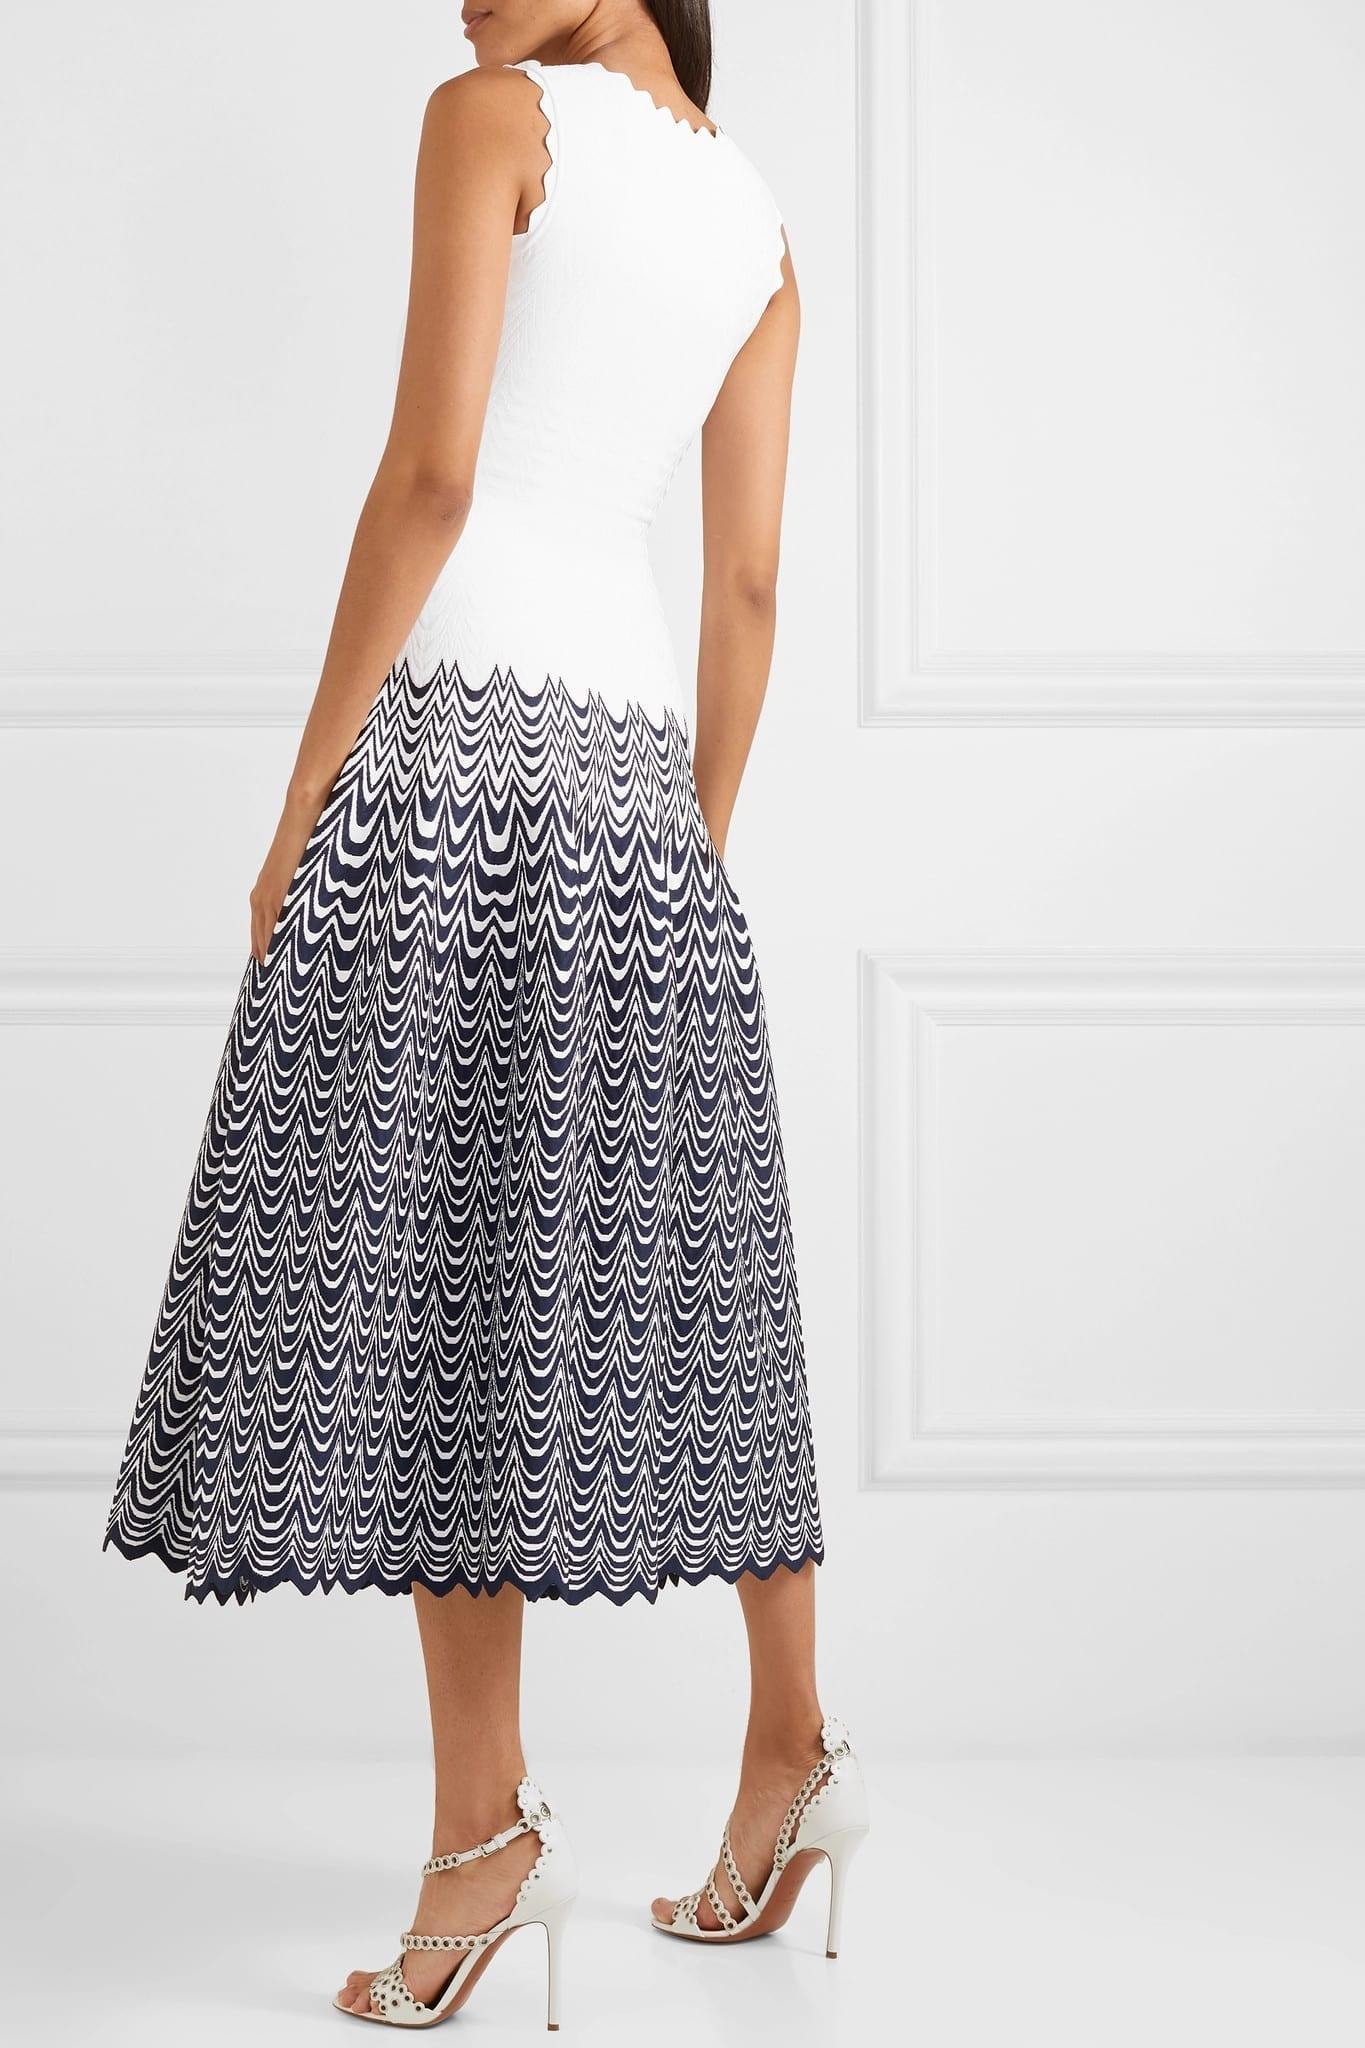 22b8919d630 ALAÏA Scalloped Jacquard-Knit Midi Scalloped White Dress - We Select ...